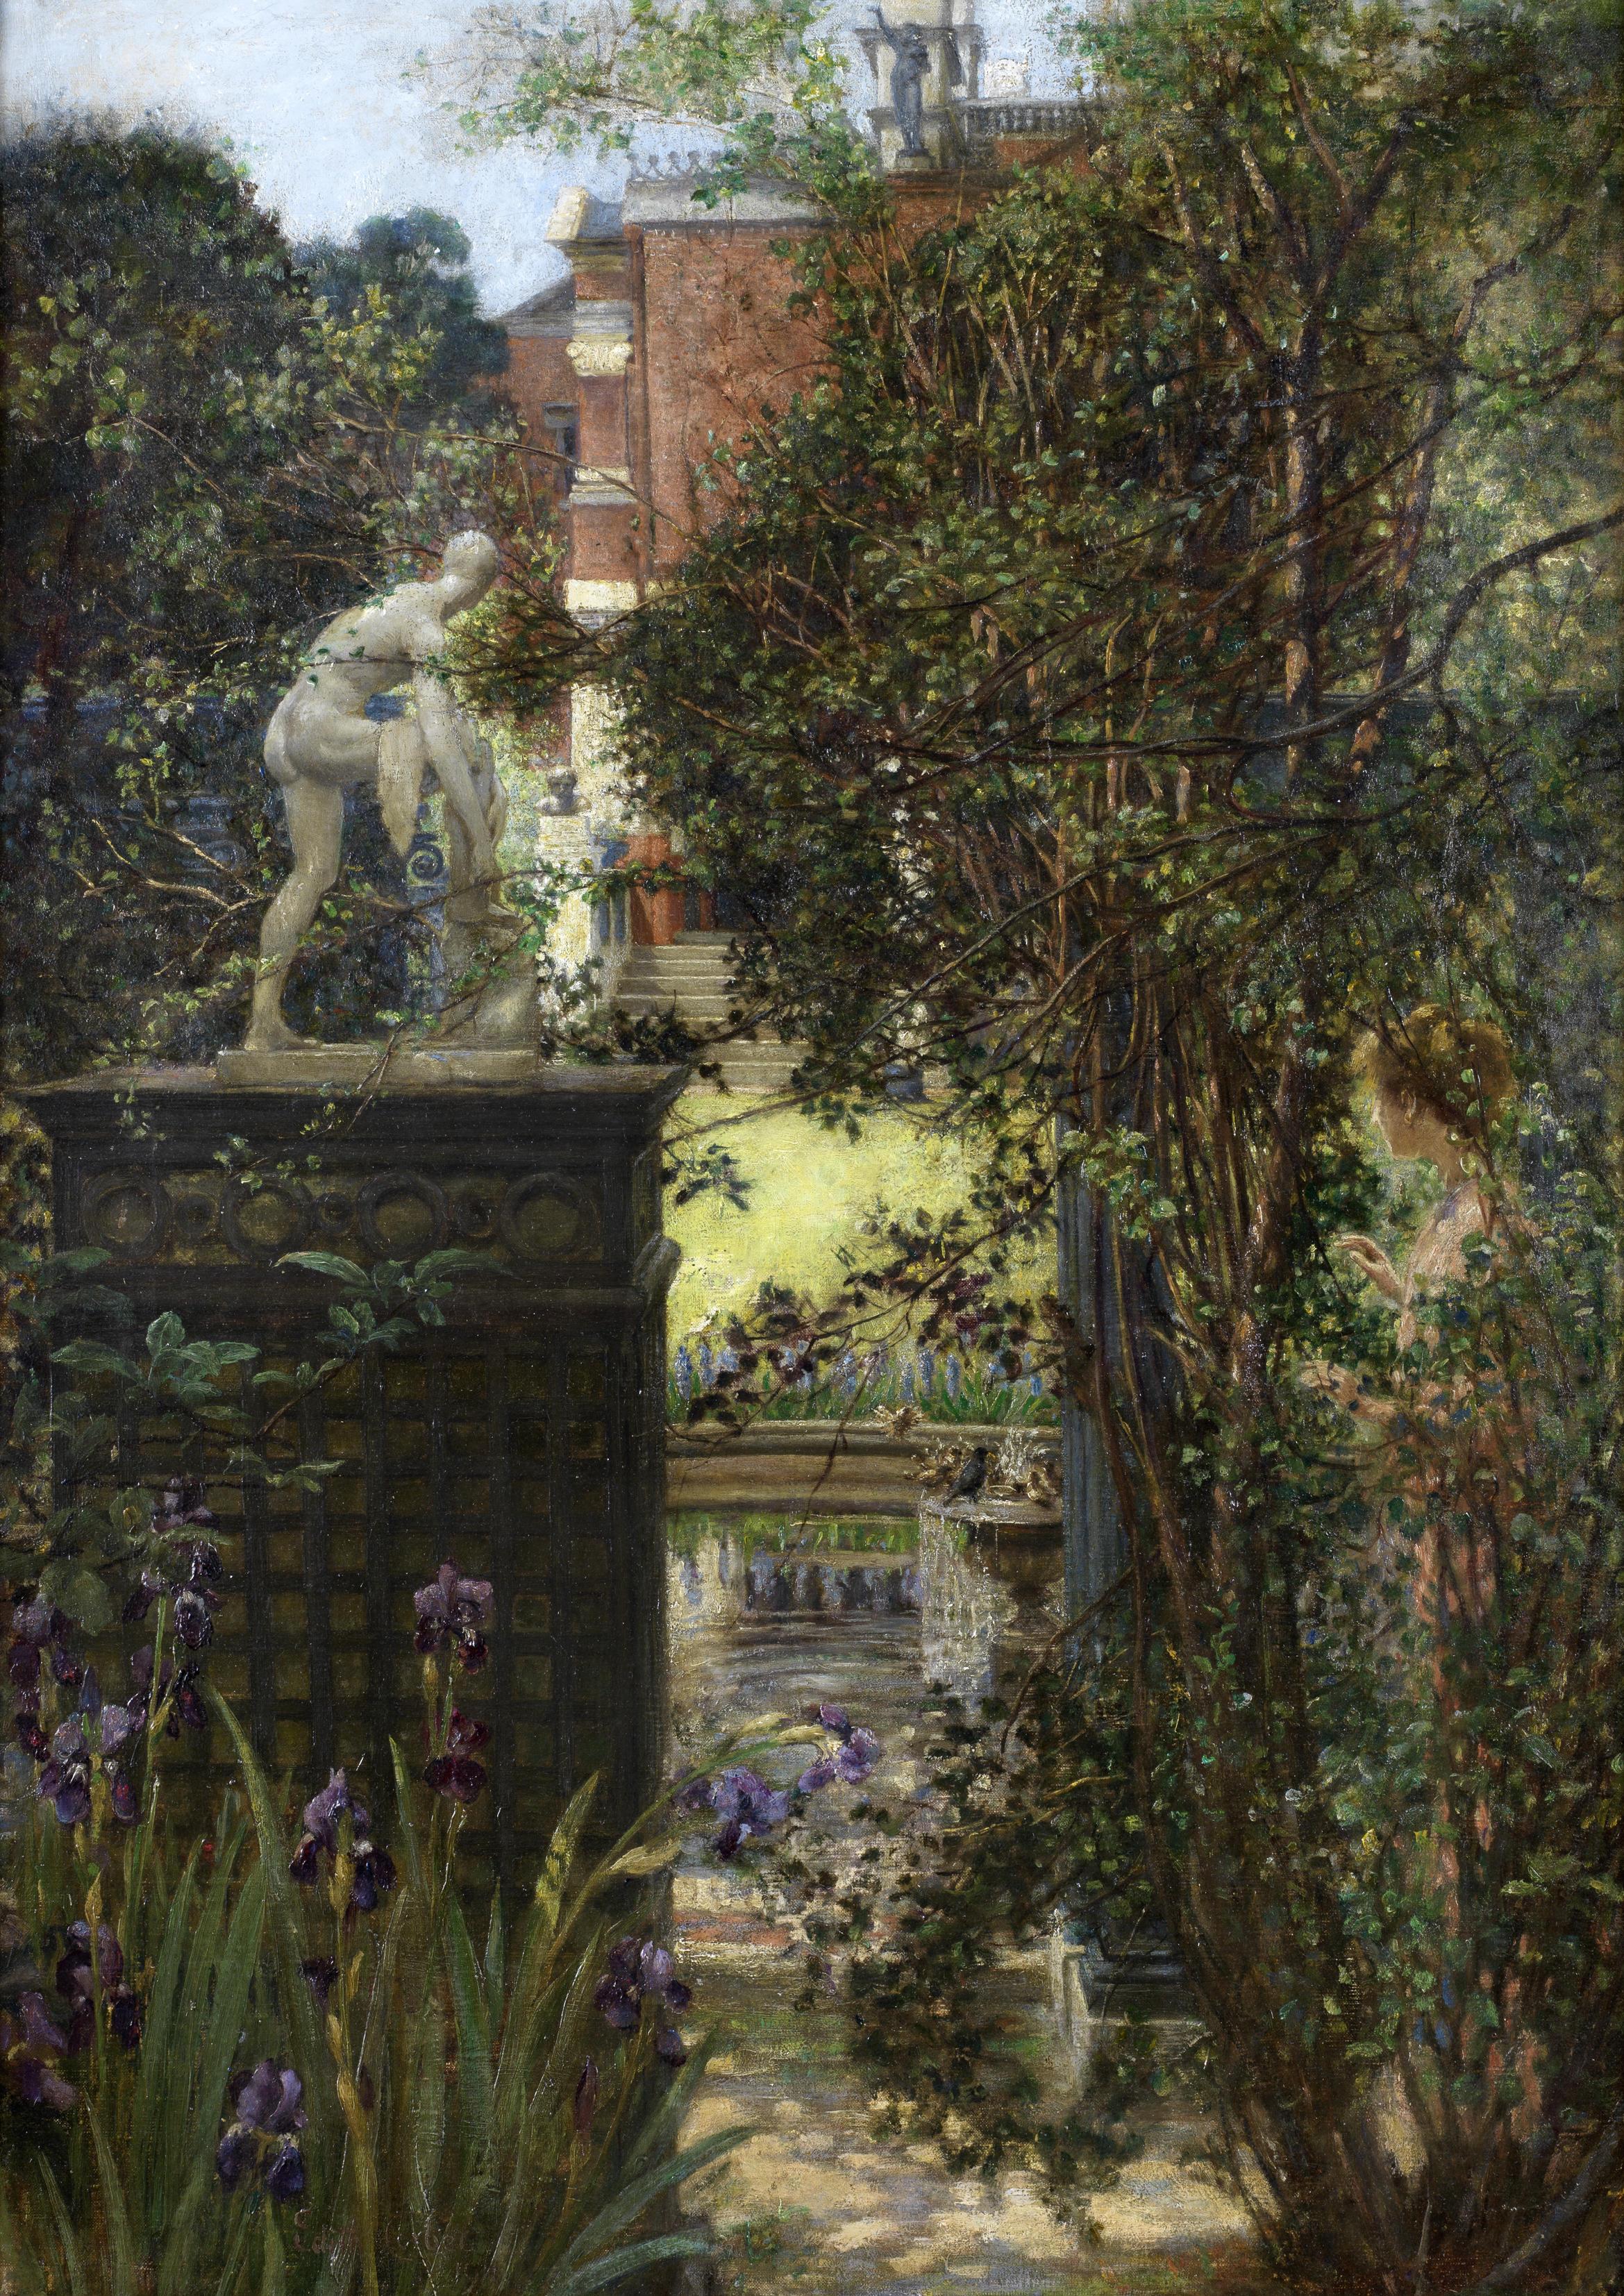 Edith_Corbet_A_London_garden